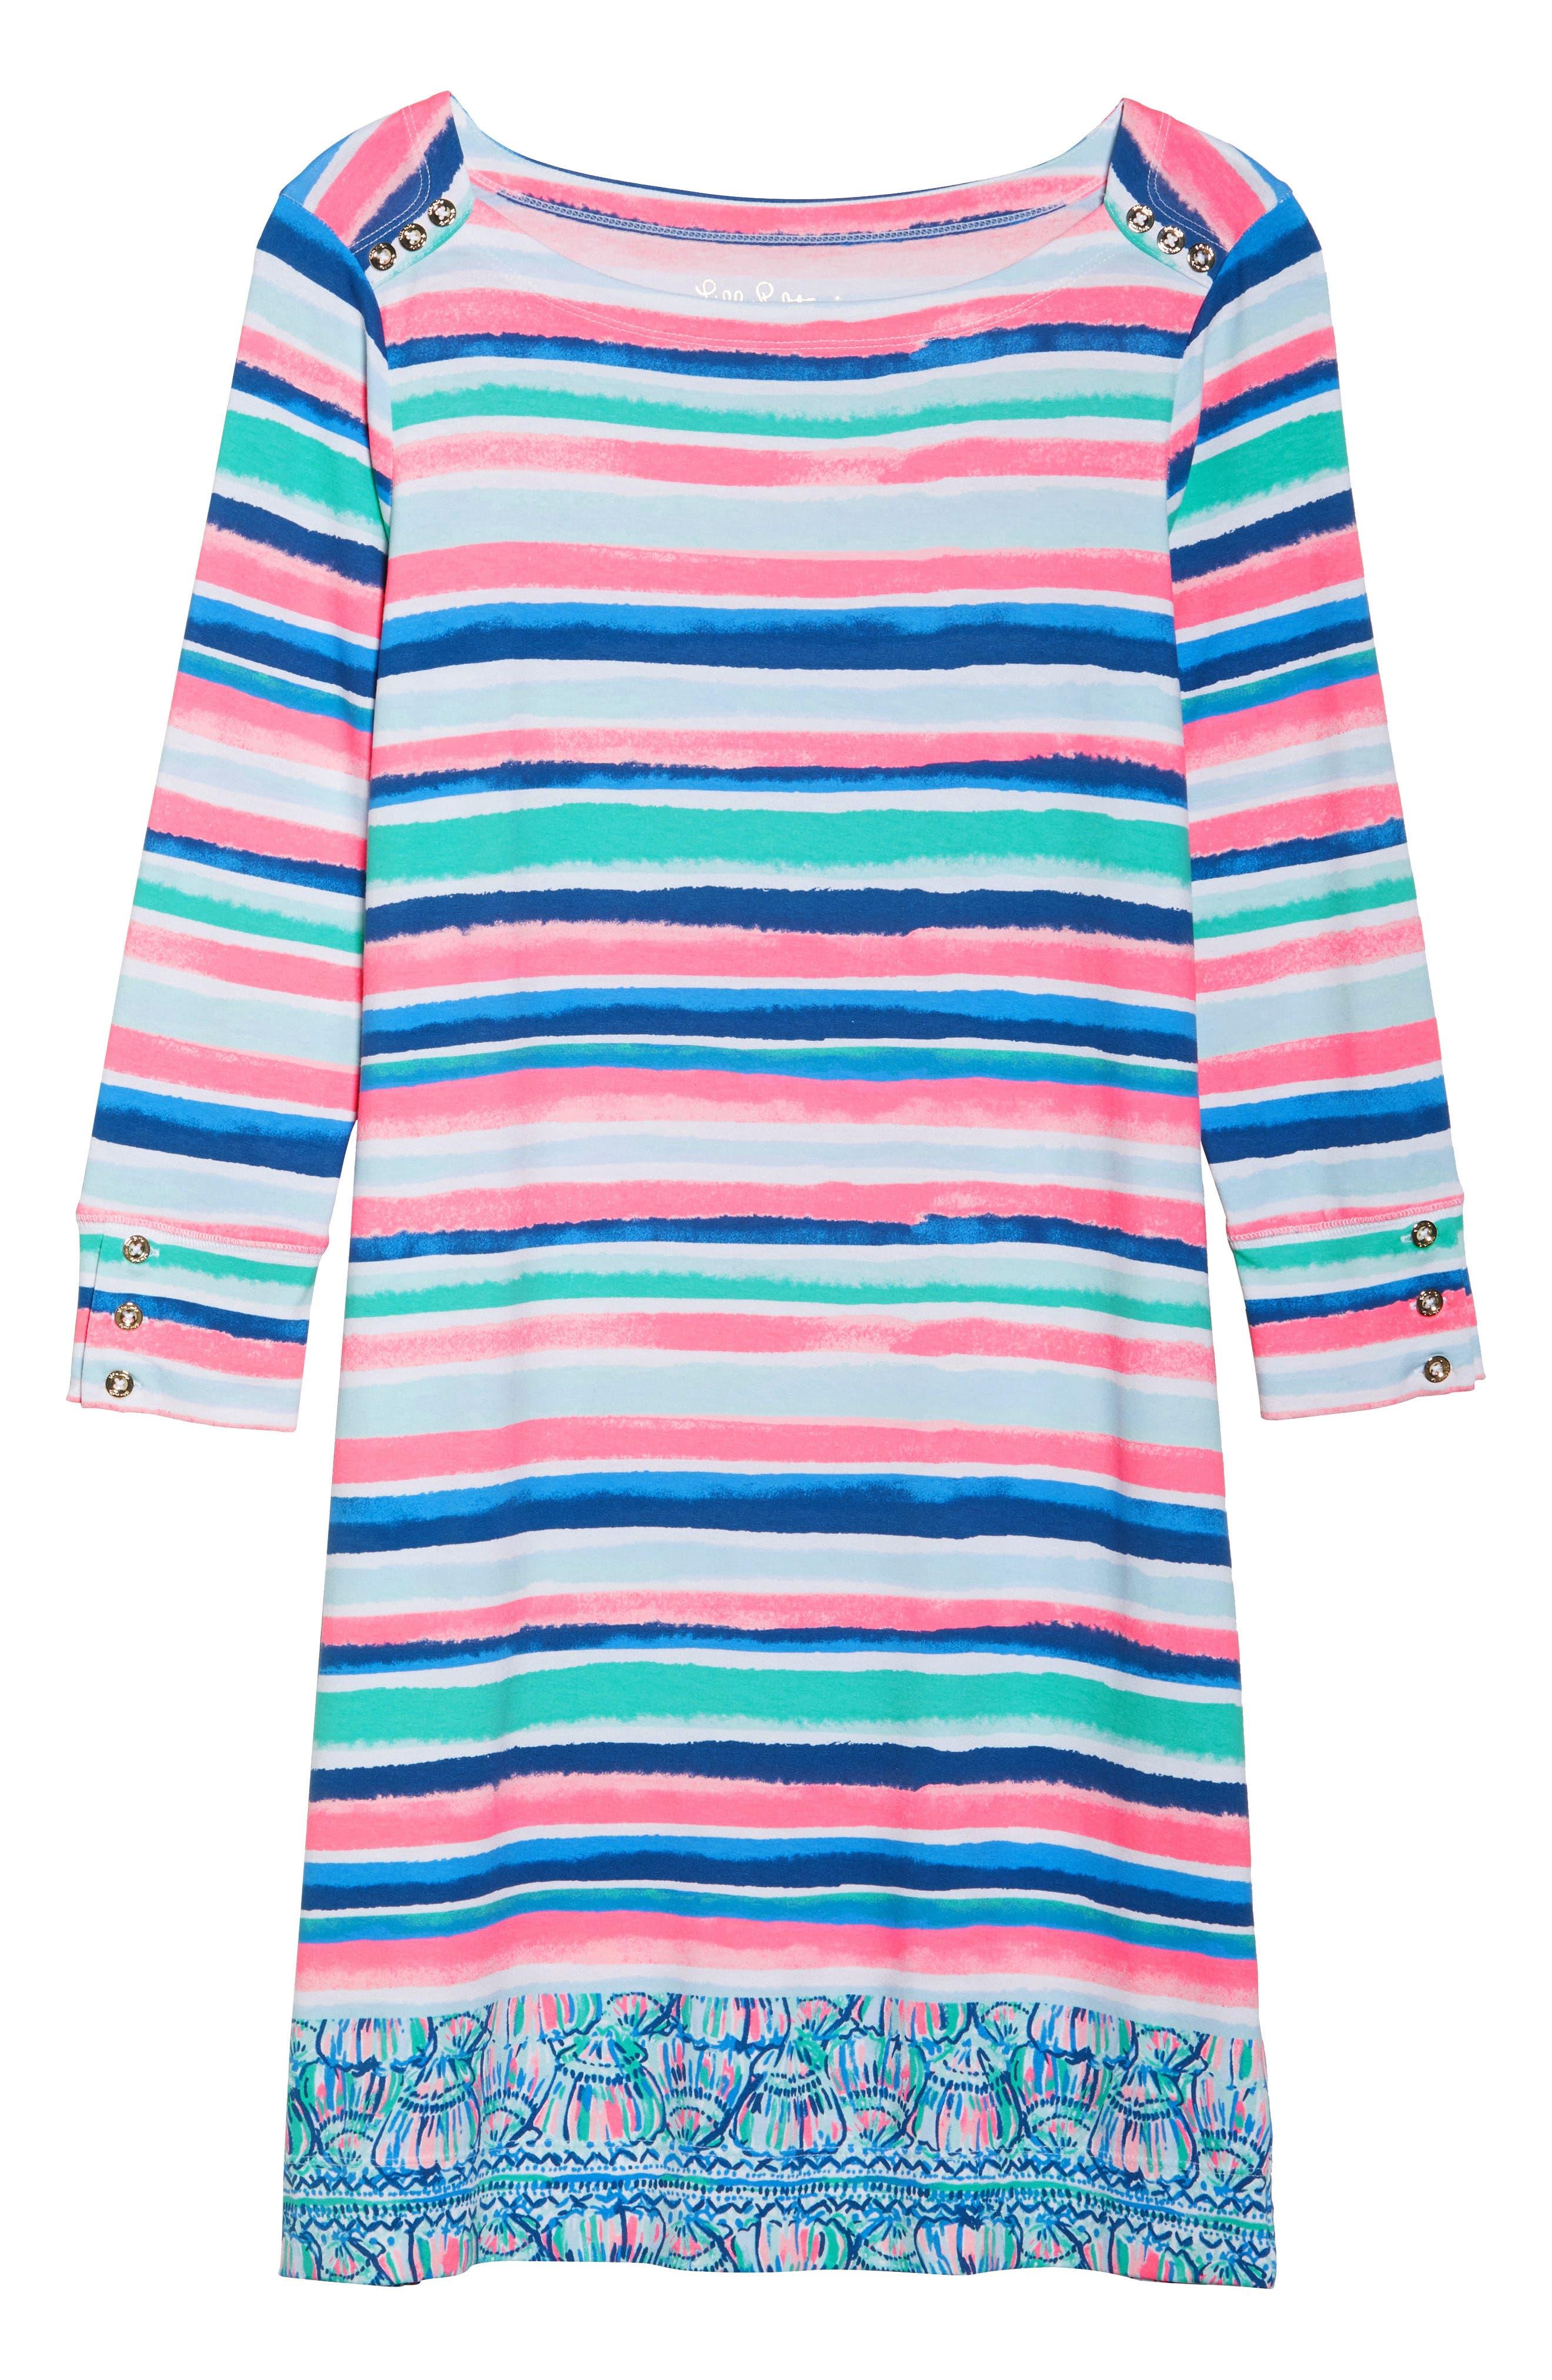 Sophie UPF 50+ Dress,                             Alternate thumbnail 7, color,                             Multi Sandy Shell Stripe